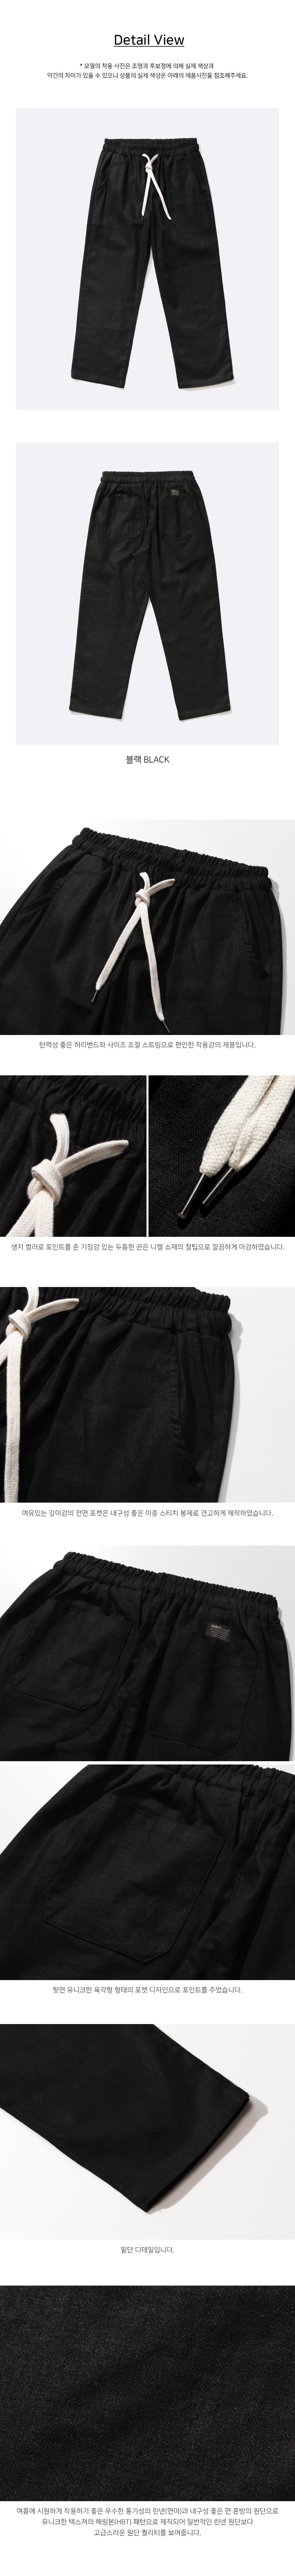 HJLP2122_detail_black_kj.jpg